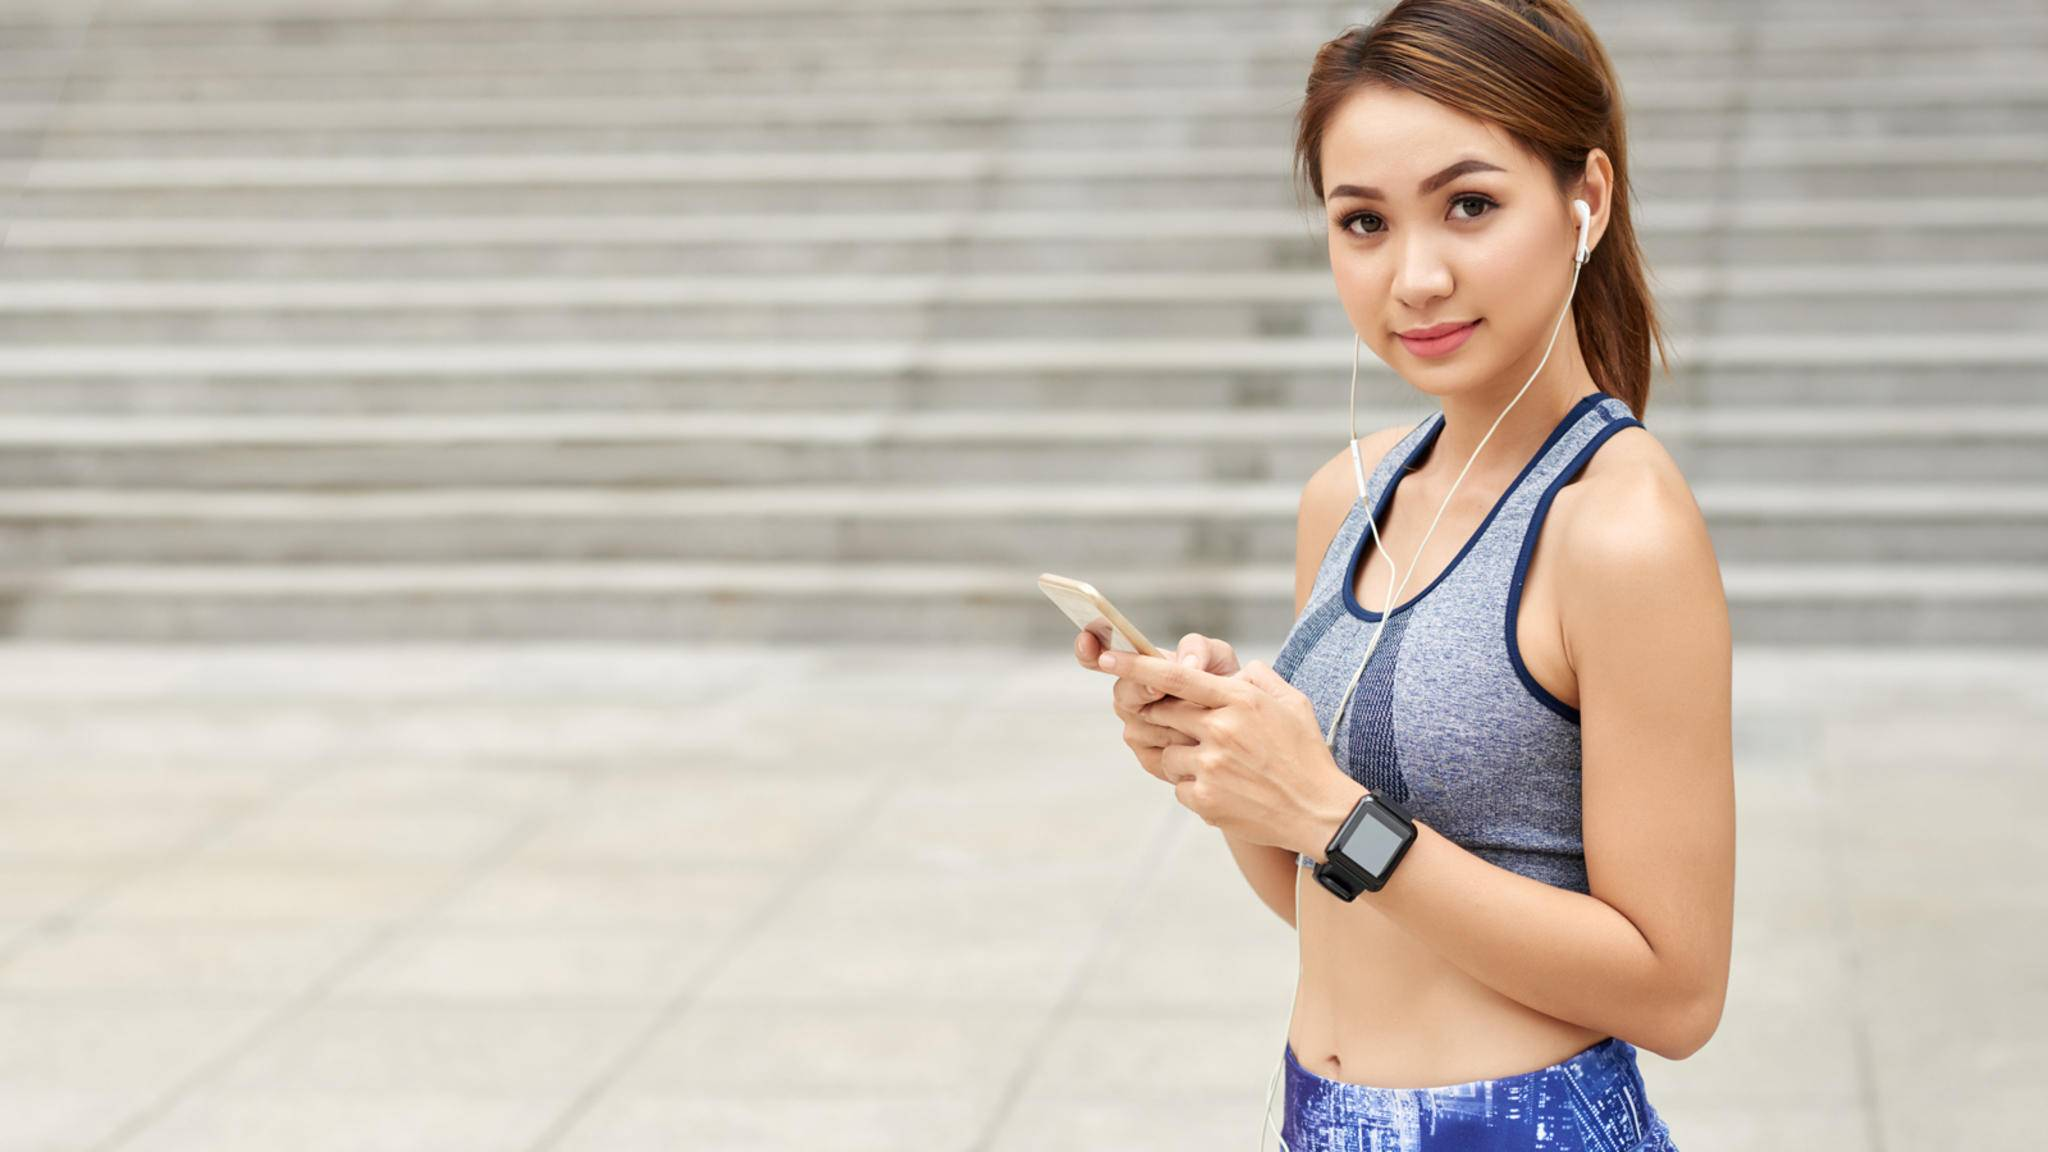 Mit der passenden App wird Dein Fitness-Tracker zu einem echten Sportsfreund.